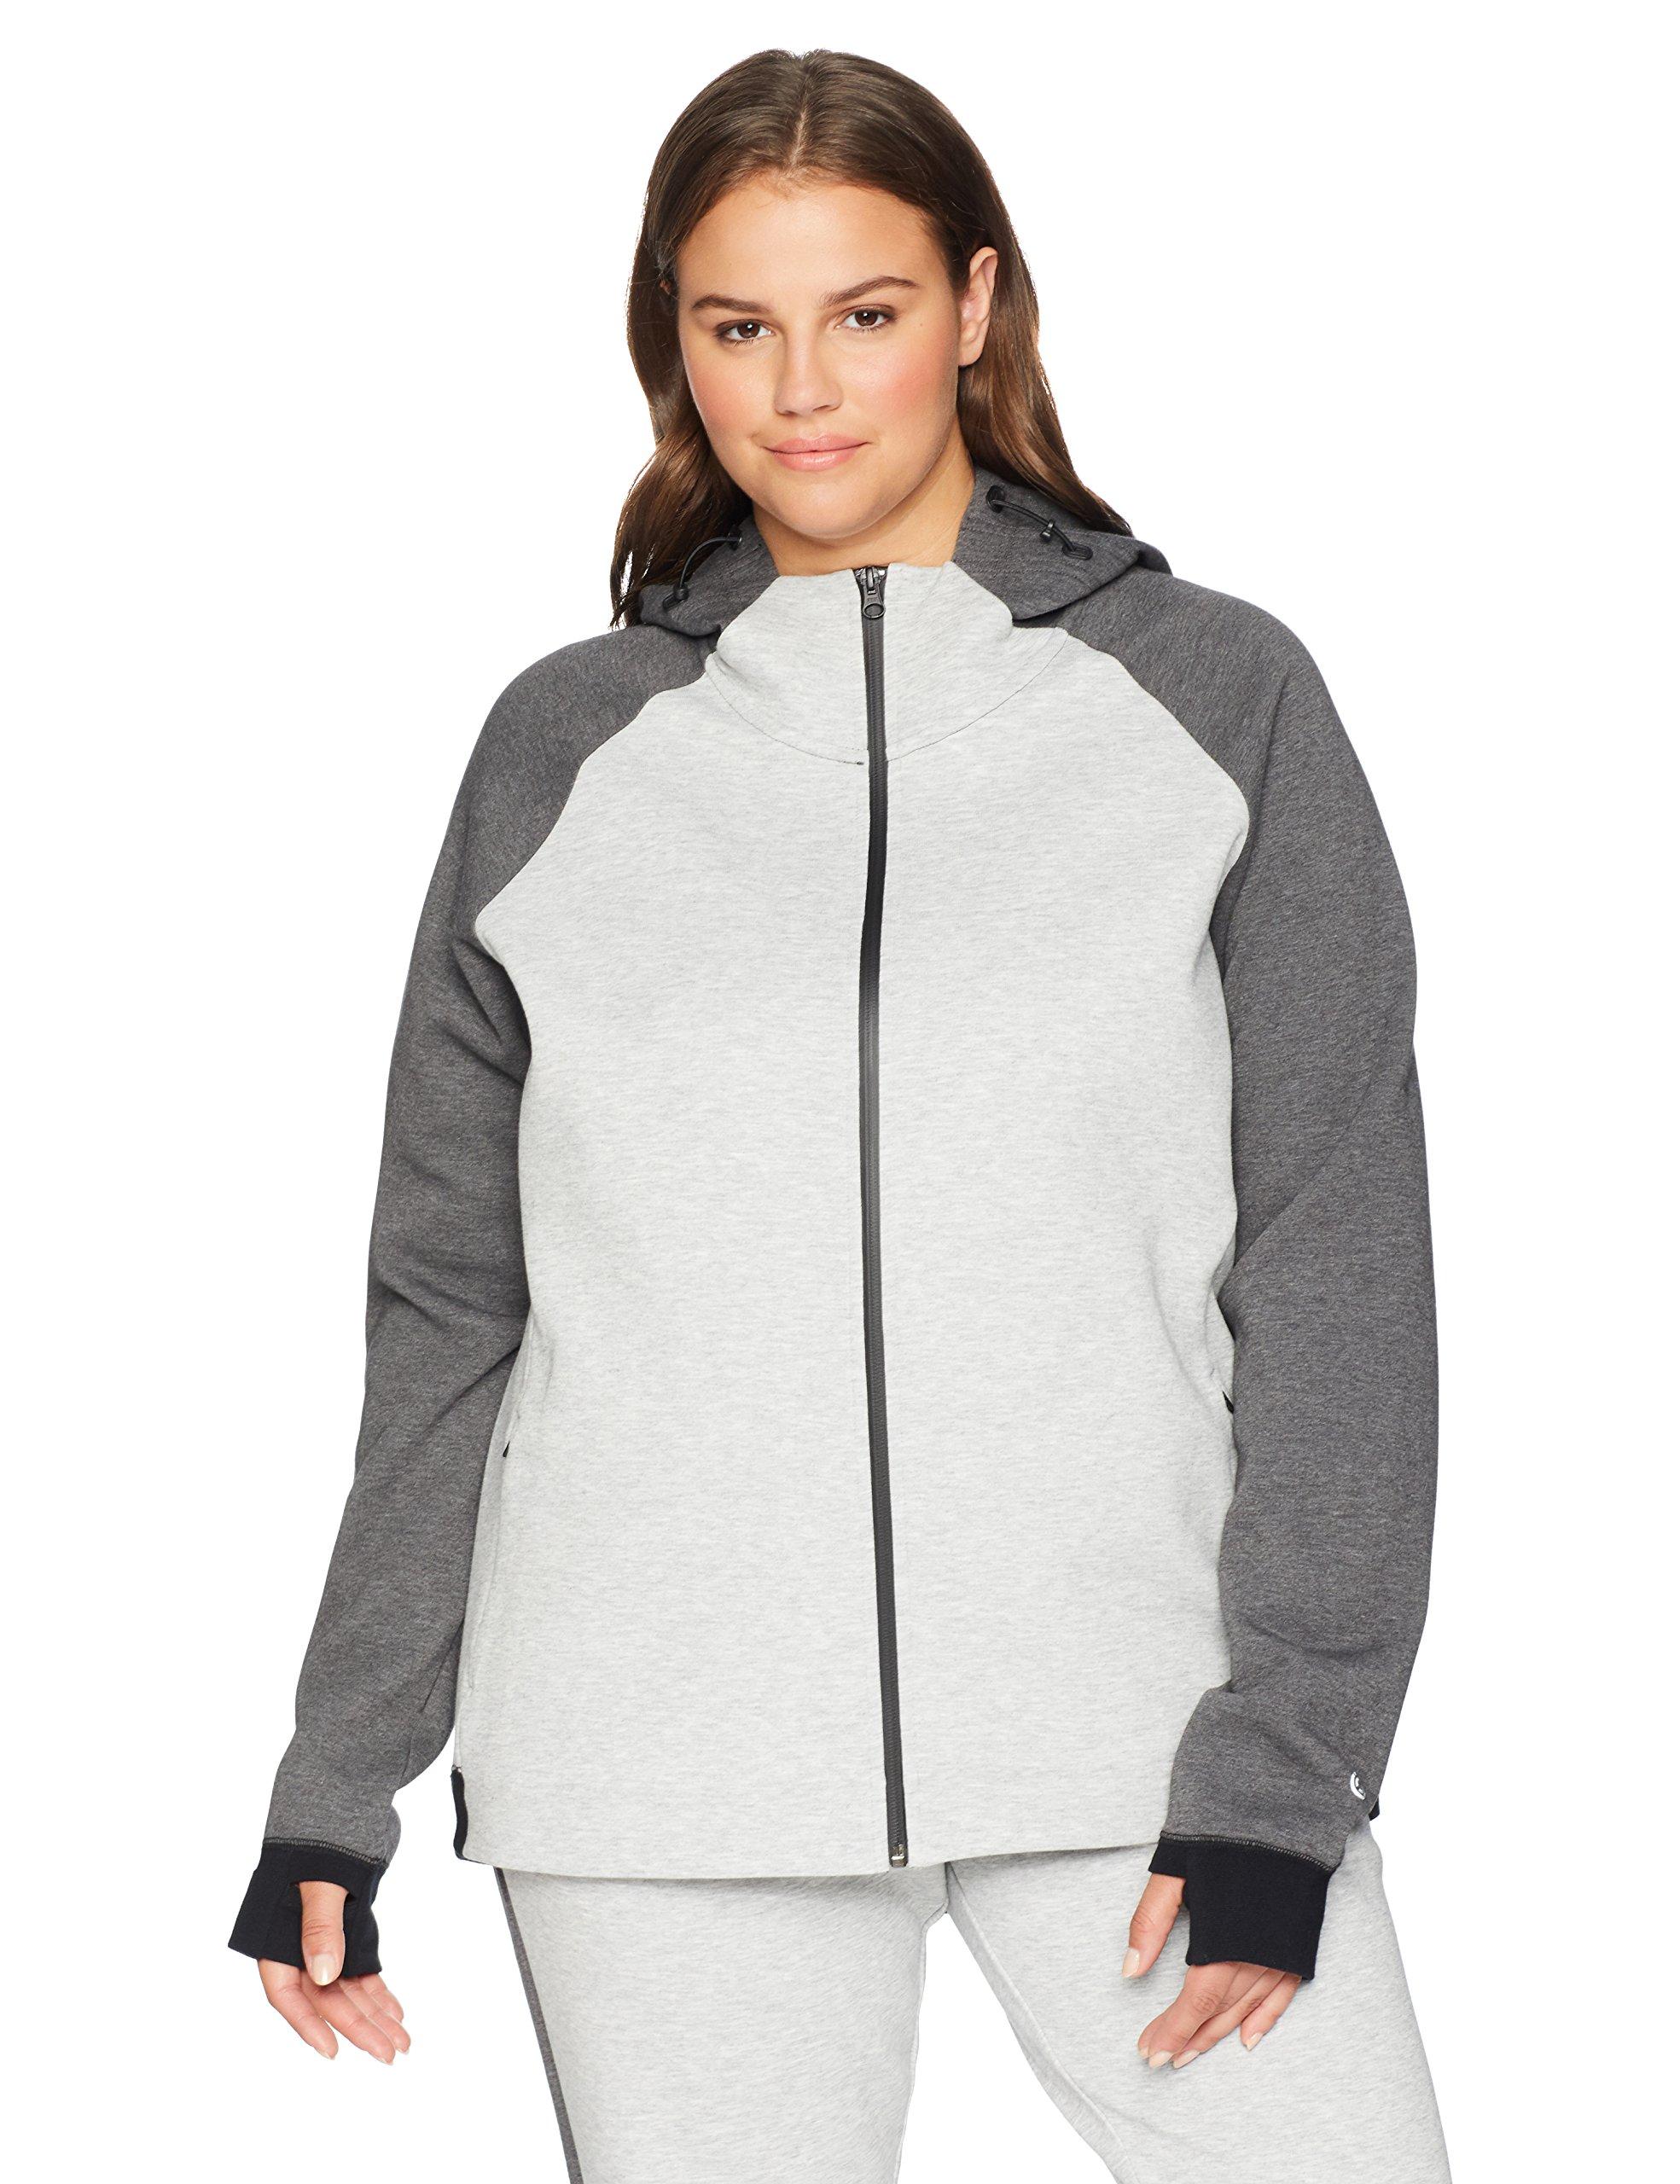 Core 10 Women's Plus Size Motion Tech Fleece Fitted Full-Zip Hoodie Jacket, Light Grey Heather/Medium Grey Heather/Black, 2X (18W-20W)